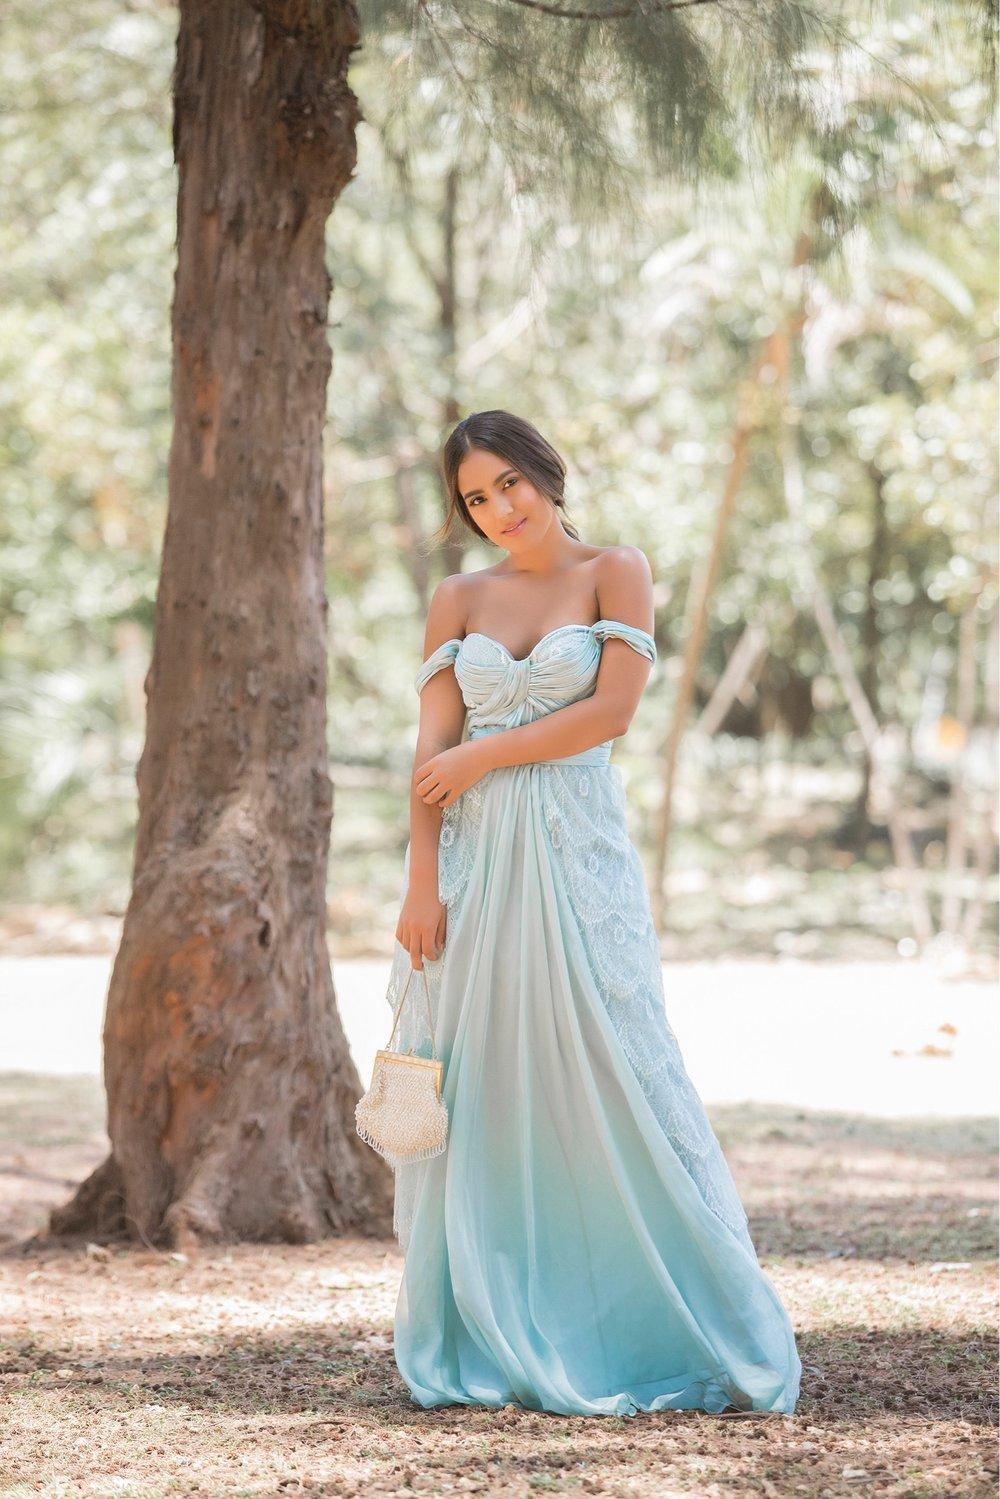 wedding look weddingready lookoftheday tips fashion blogger ideas